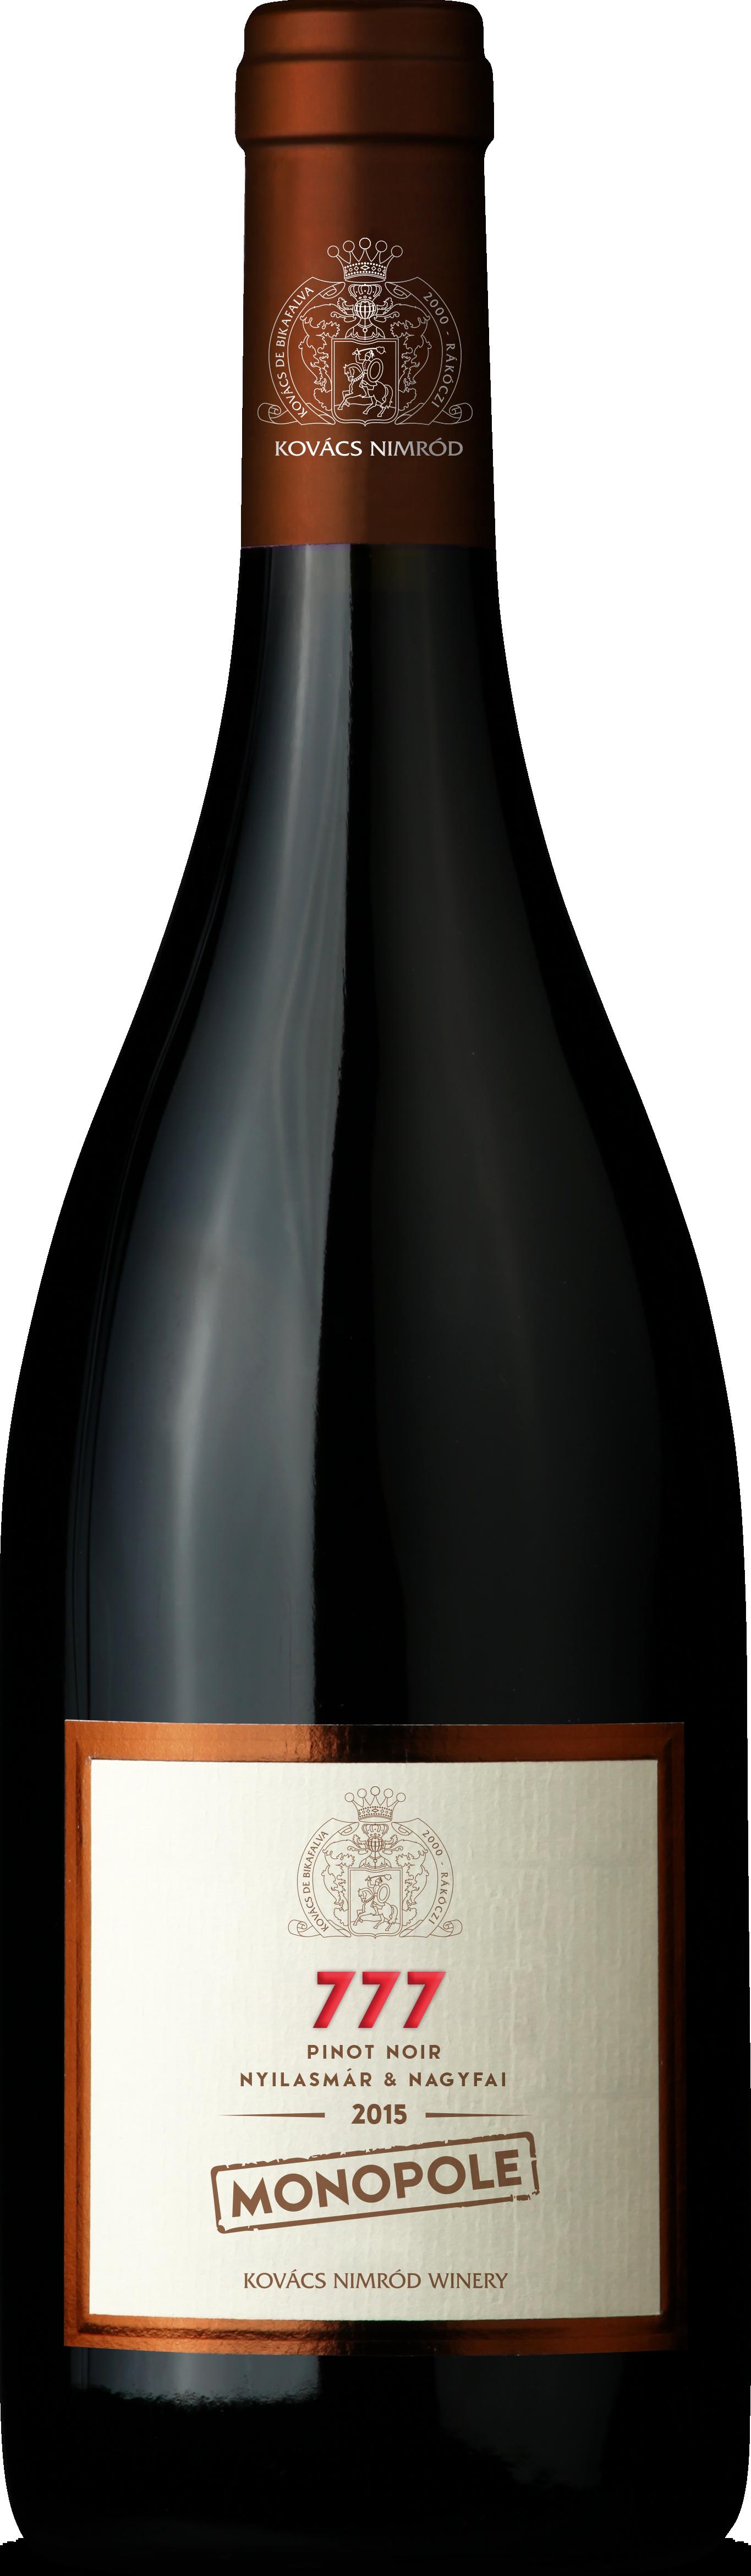 777 Pinot Noir 2015